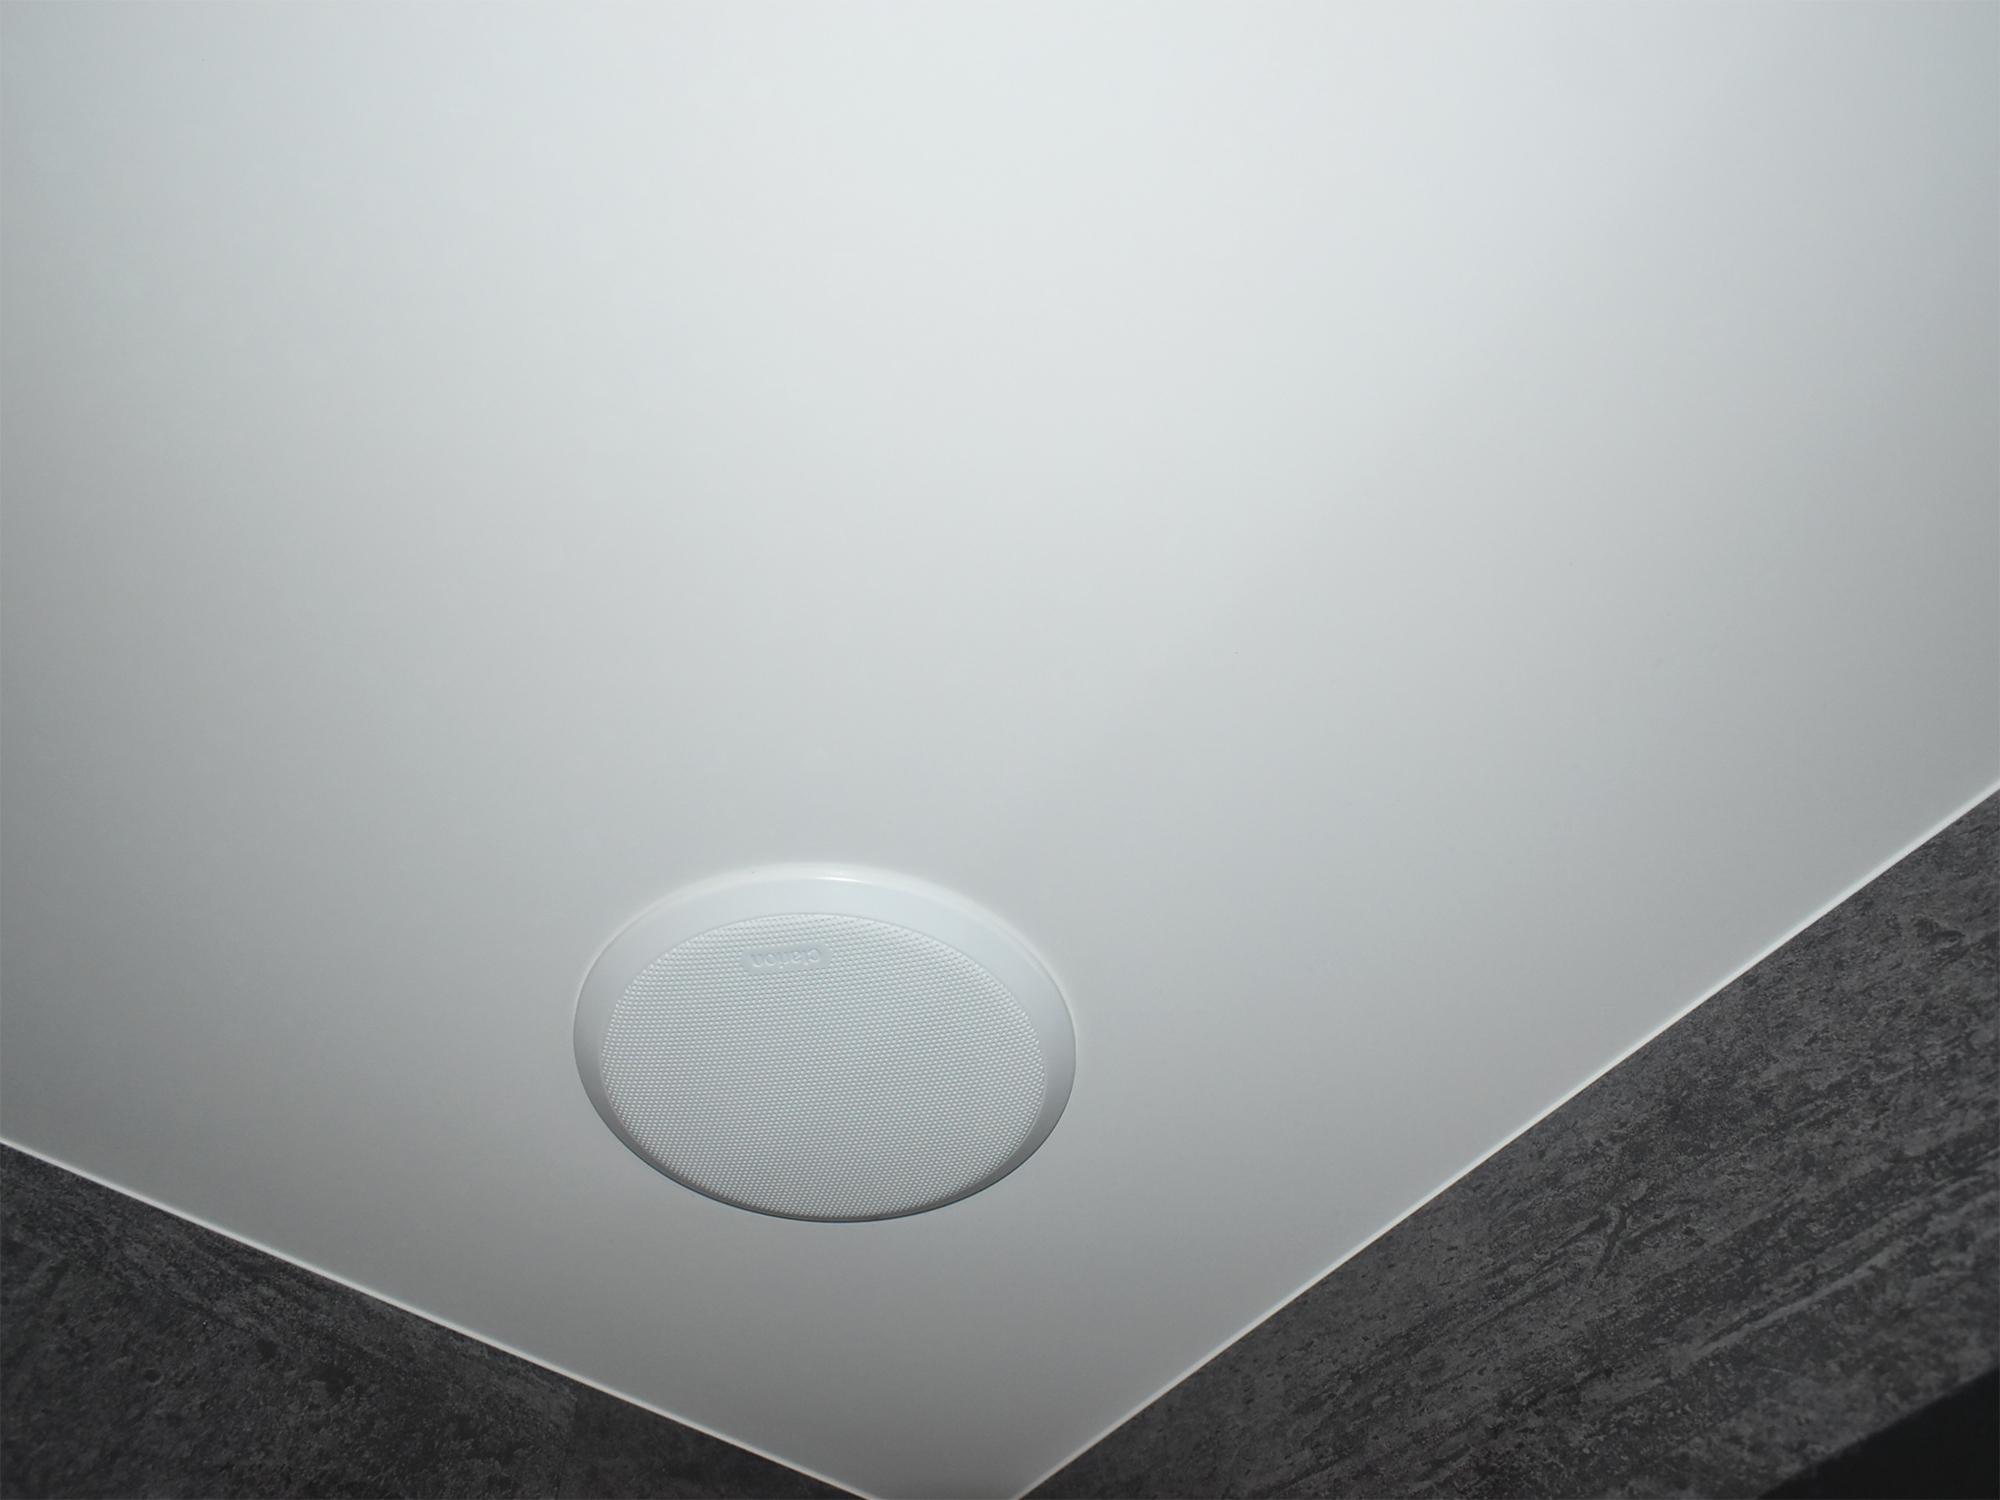 天井のスピーカー。流れる音楽を聴きながら、つい長湯してしまうことも。